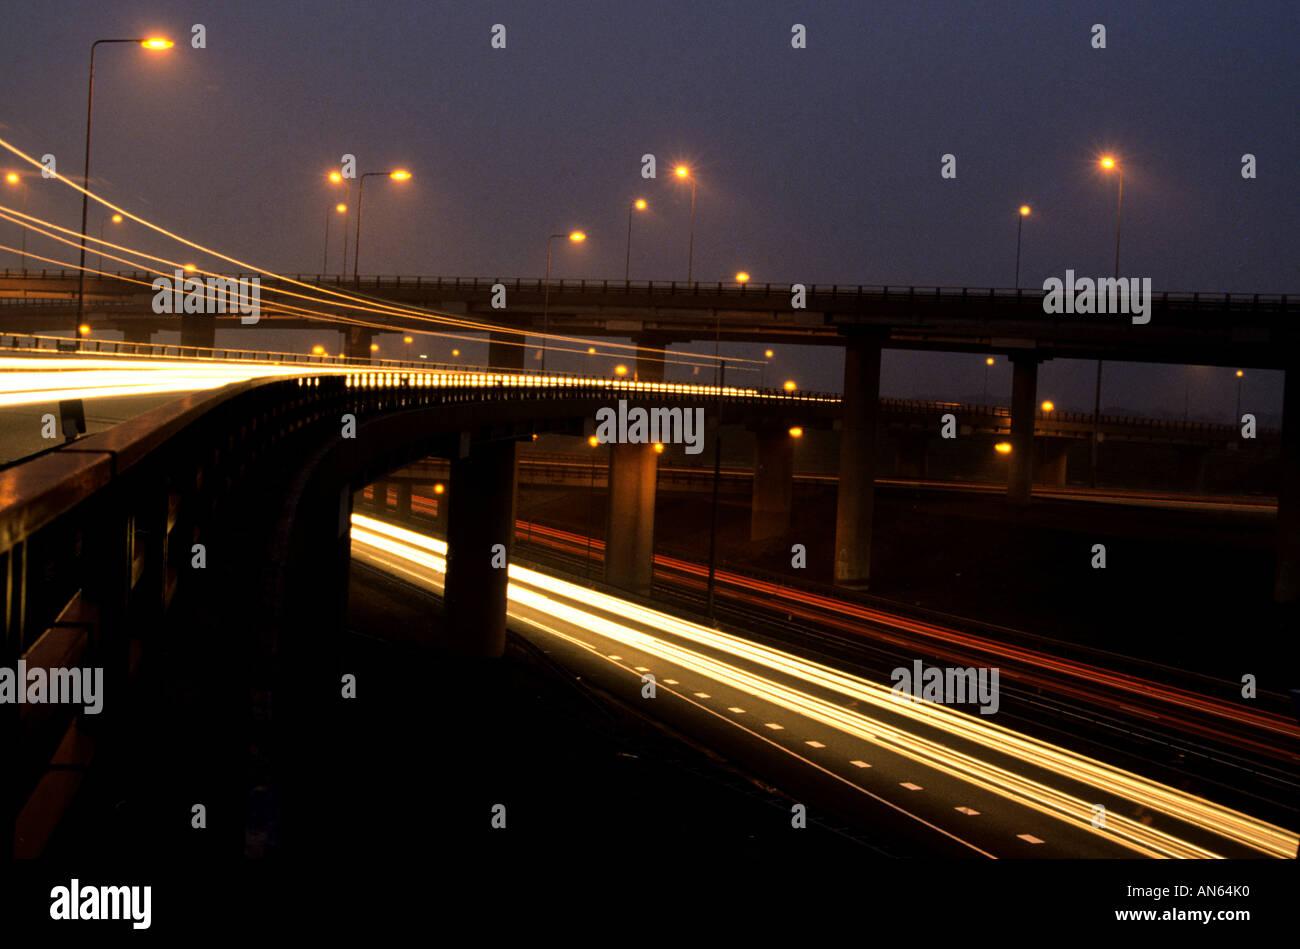 L'autoroute nationale Pays-bas Hollande Amsterdam La Haye et Rotterdam neon light night Banque D'Images